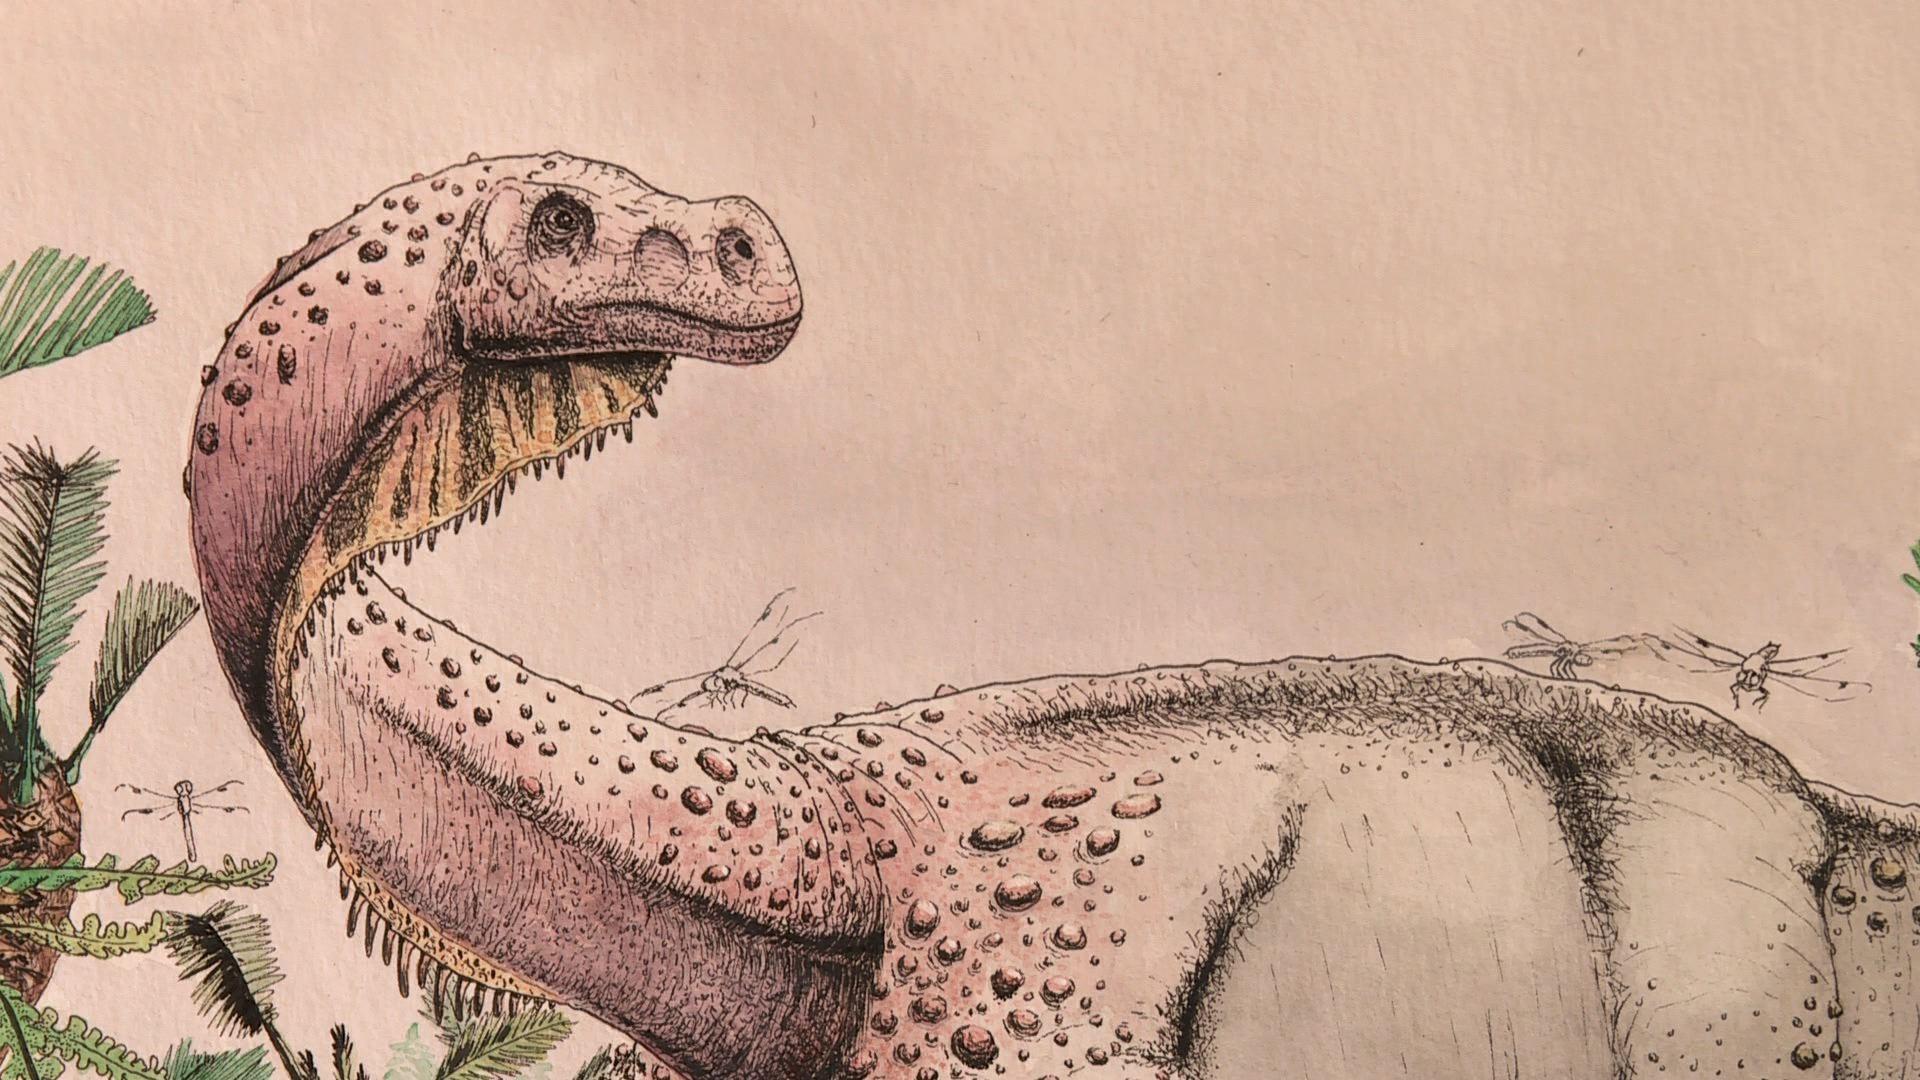 El nuevo dinosaurios bautizado como